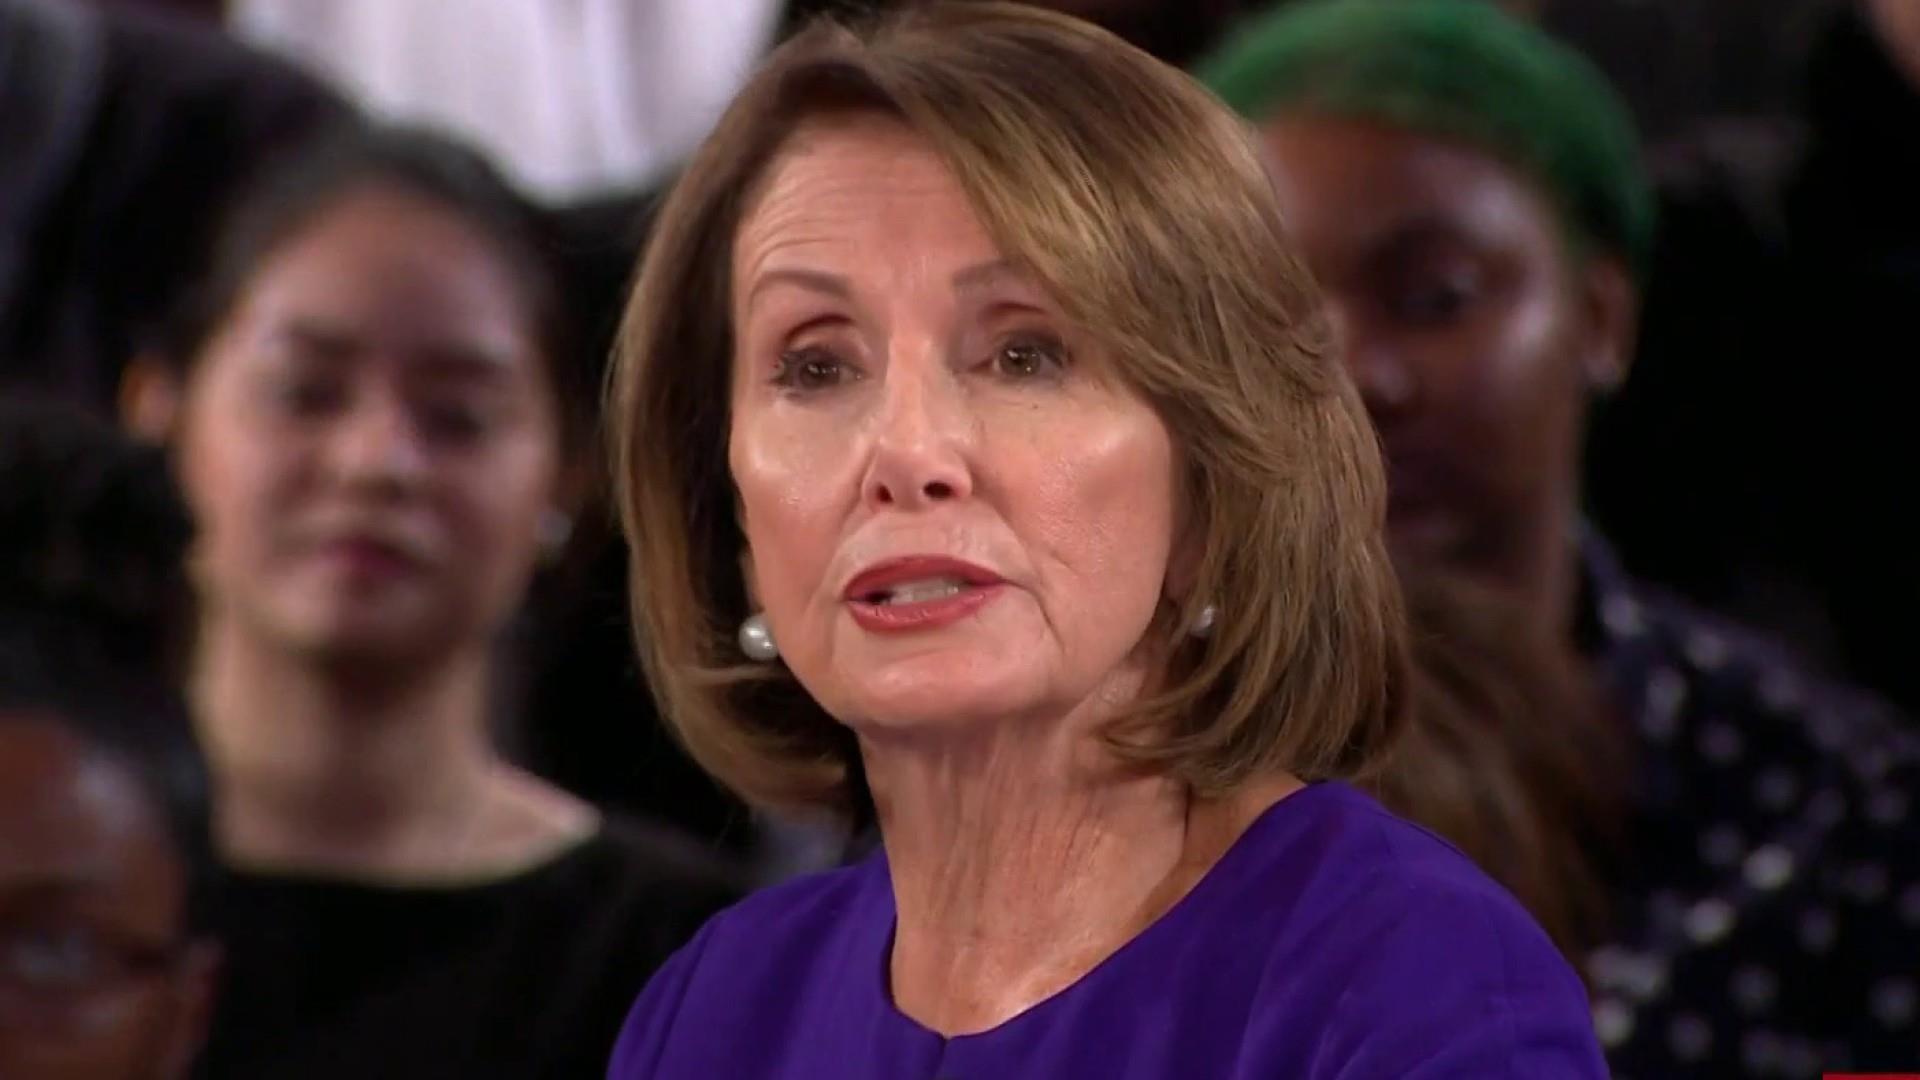 Speaker Pelosi on Black Lives Matter, redressing past grievances